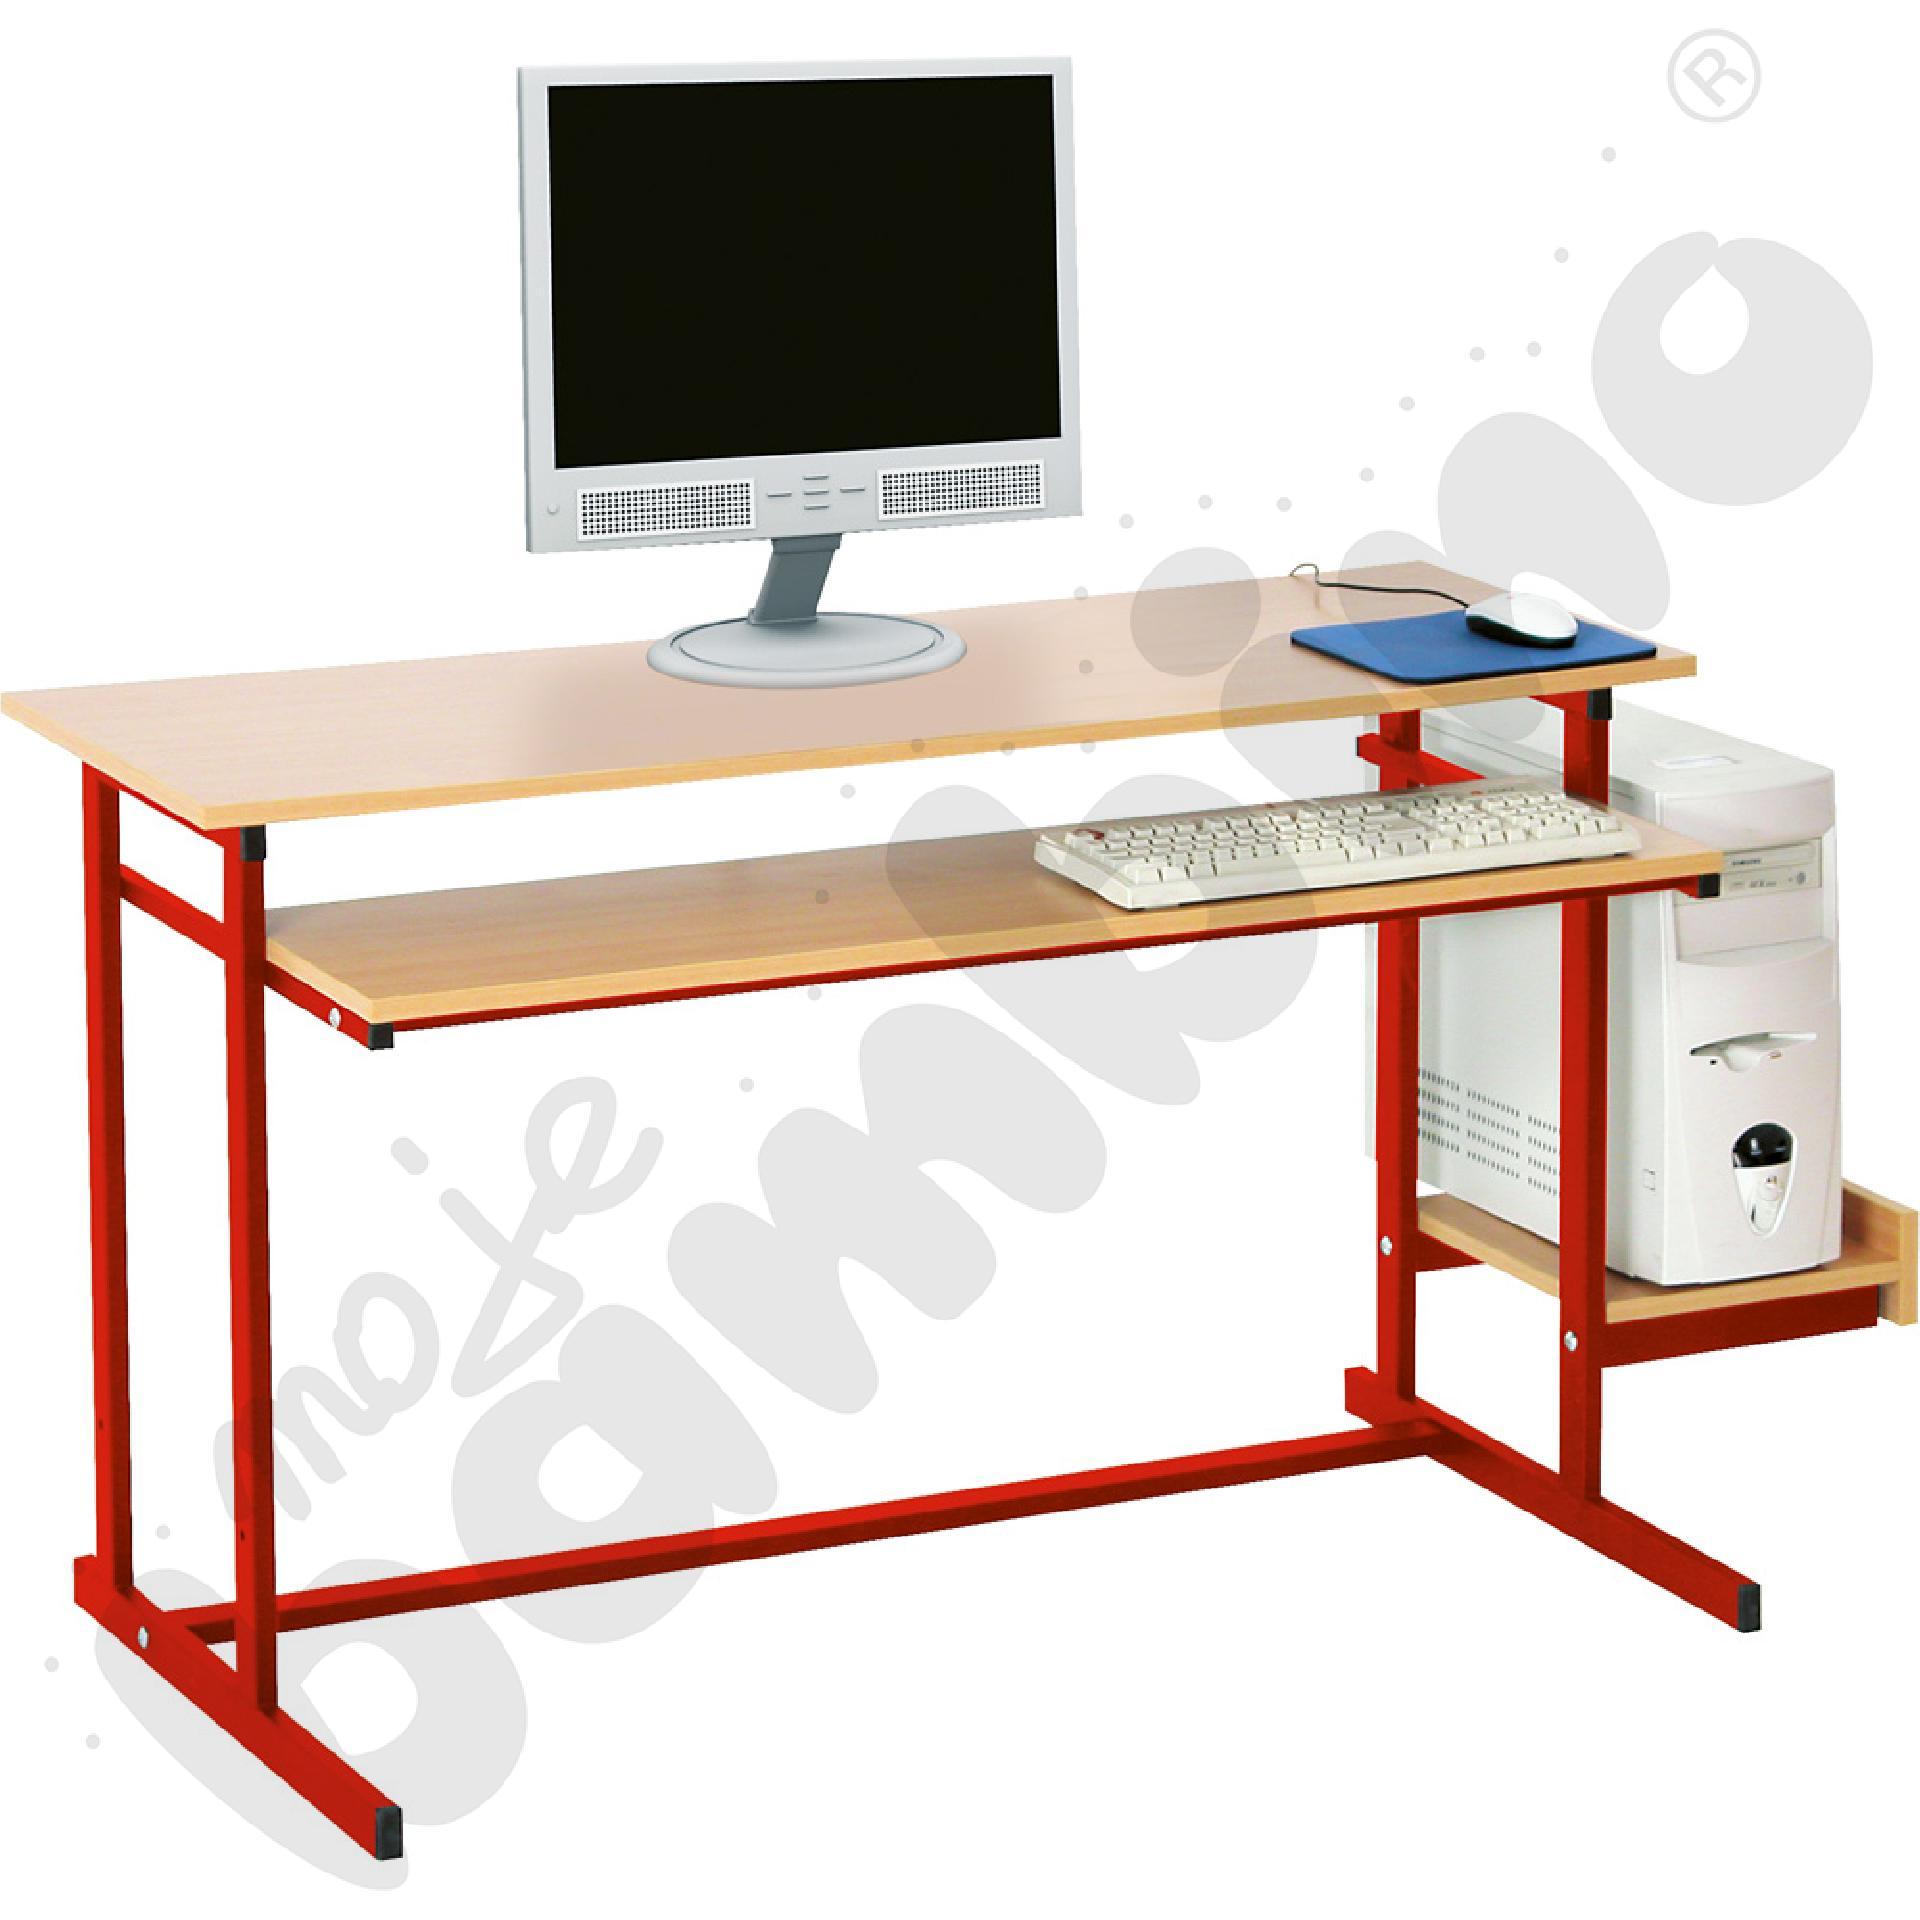 Półka na komputer do stolików NEO czerwona